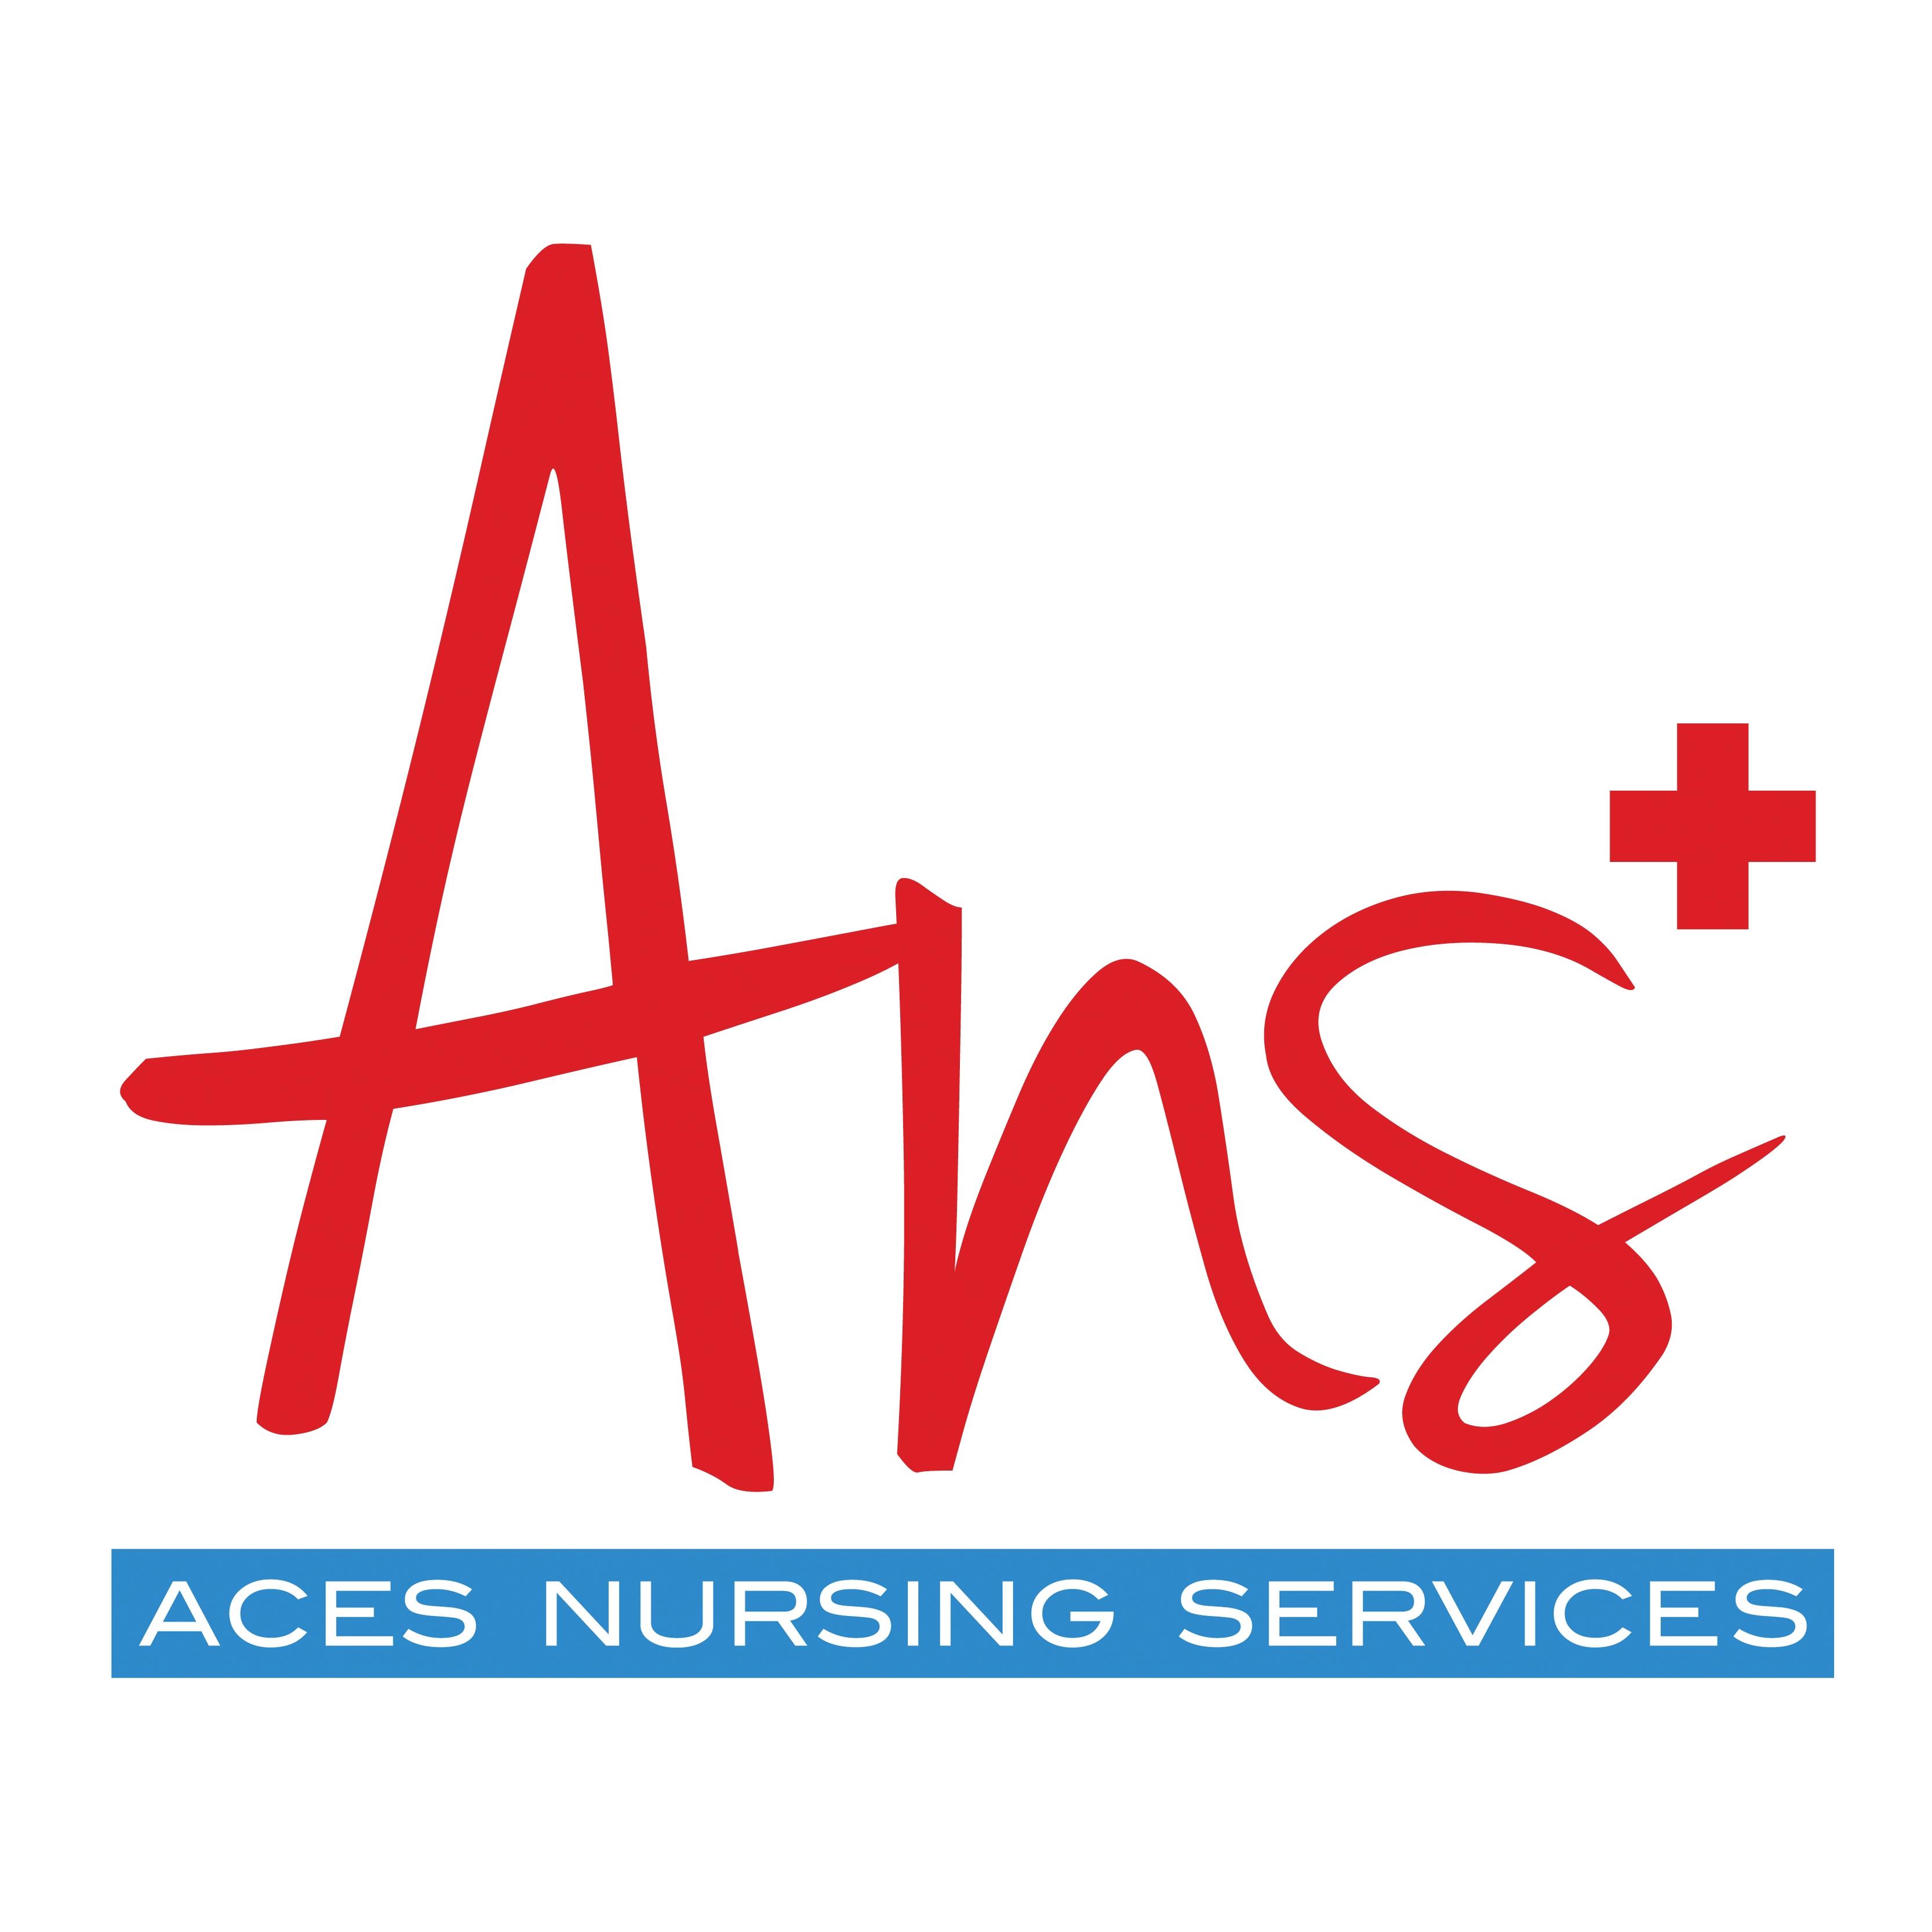 Aces Nursing Services Pte Ltd